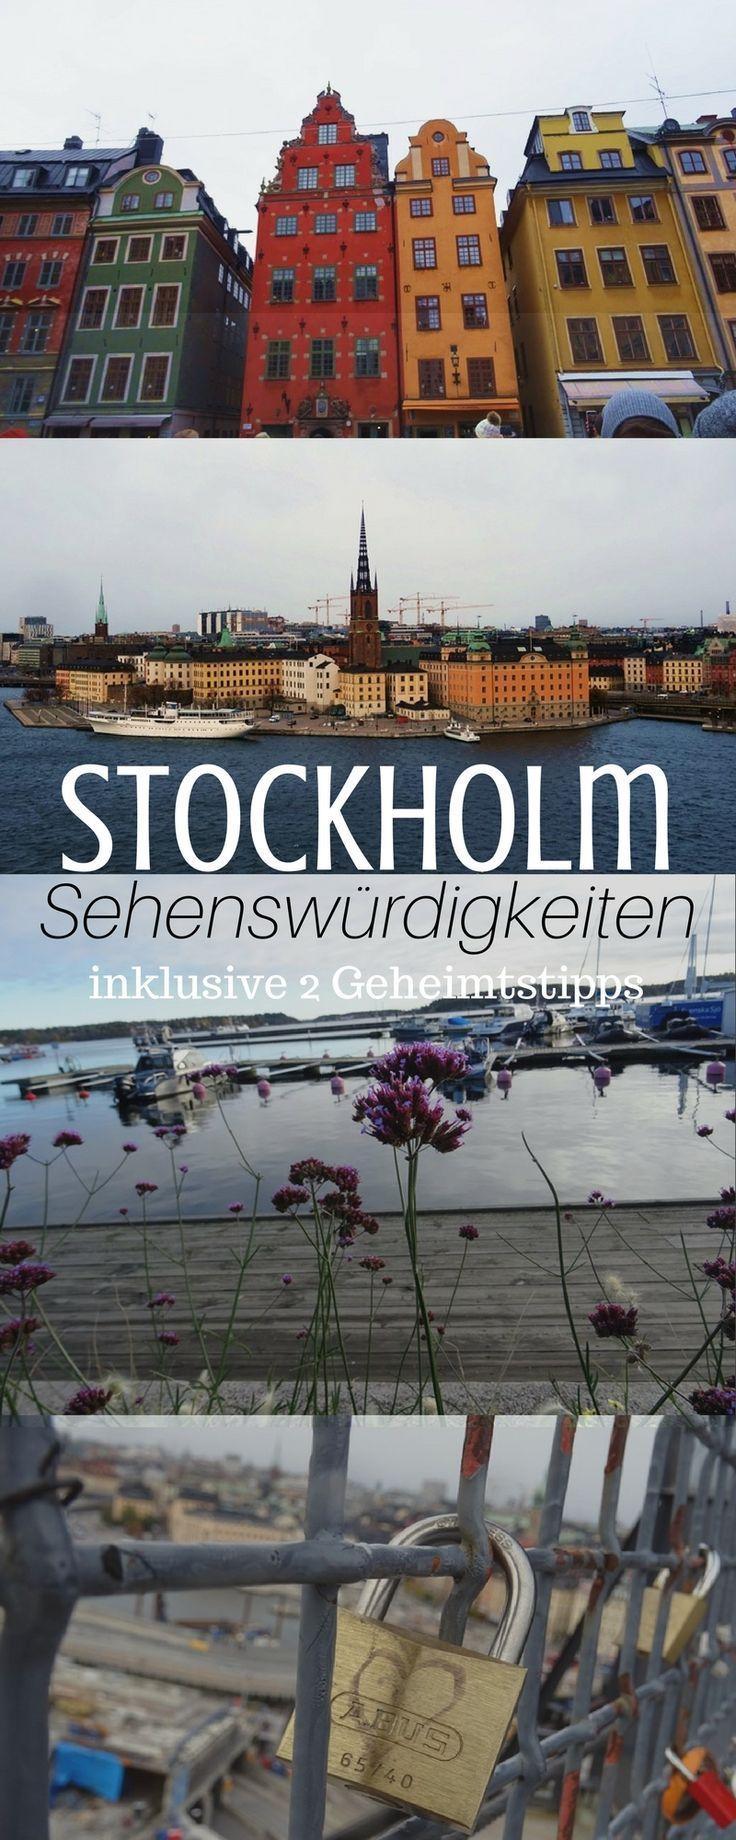 Reisetipps Stockholm Inklusive Geheimtipps Stockholm Reise Reisen Stockholm